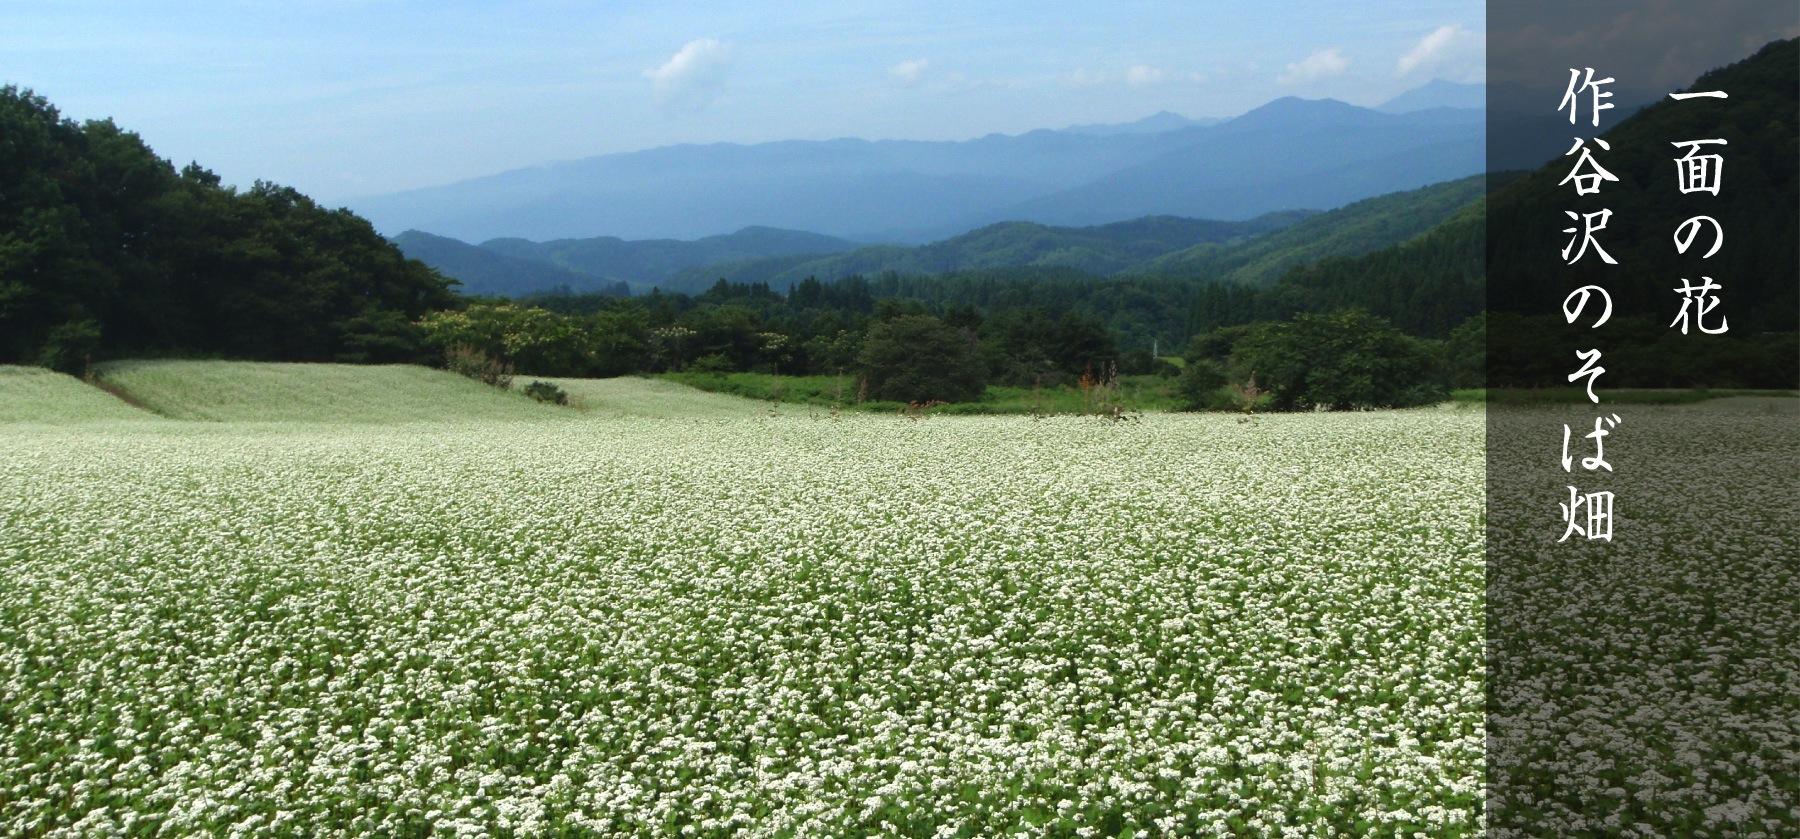 一面の花・作谷沢のそば畑